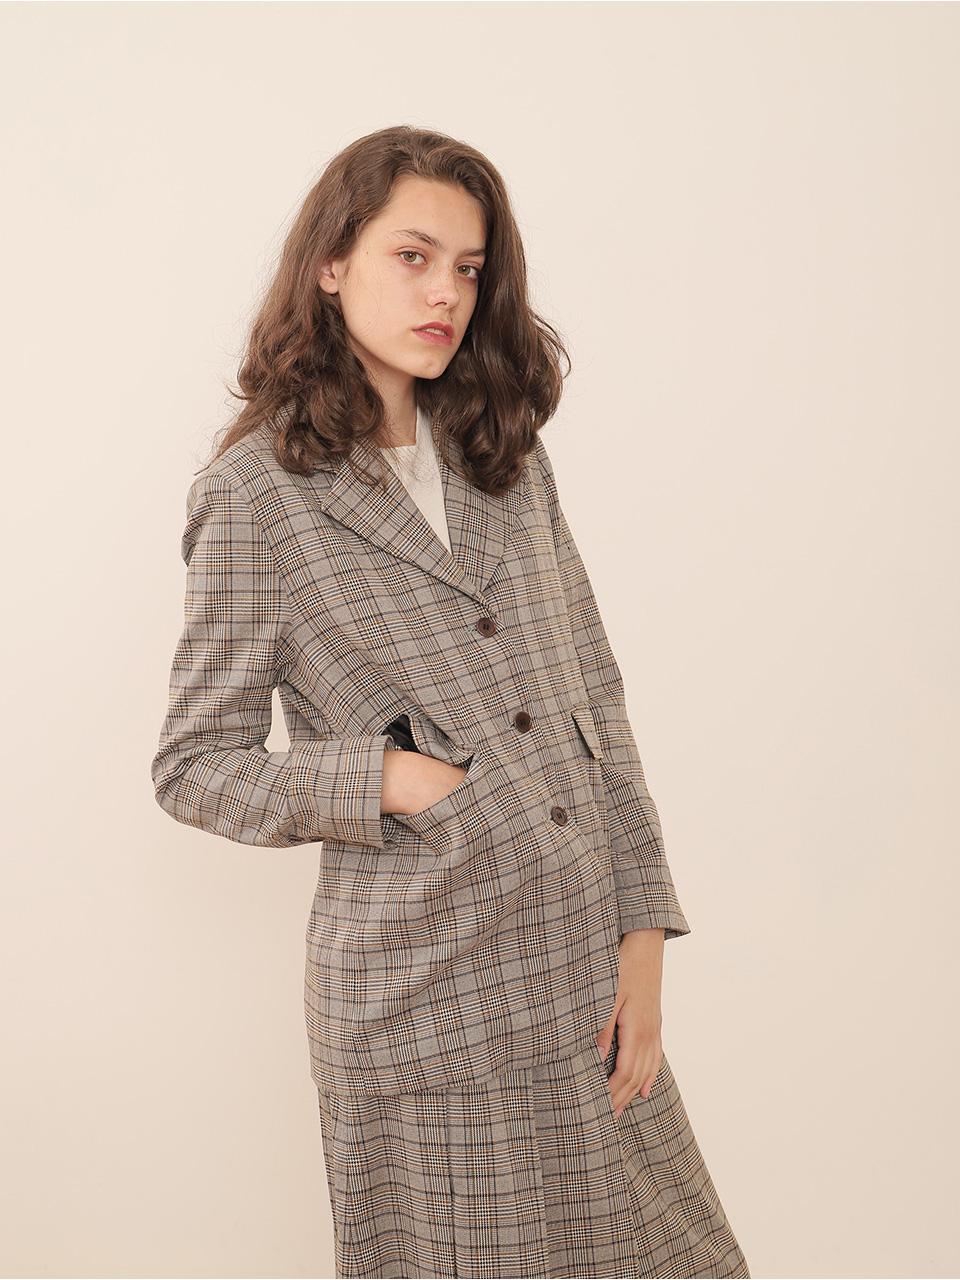 잠자는 원단으로 만든 재킷과 스커트